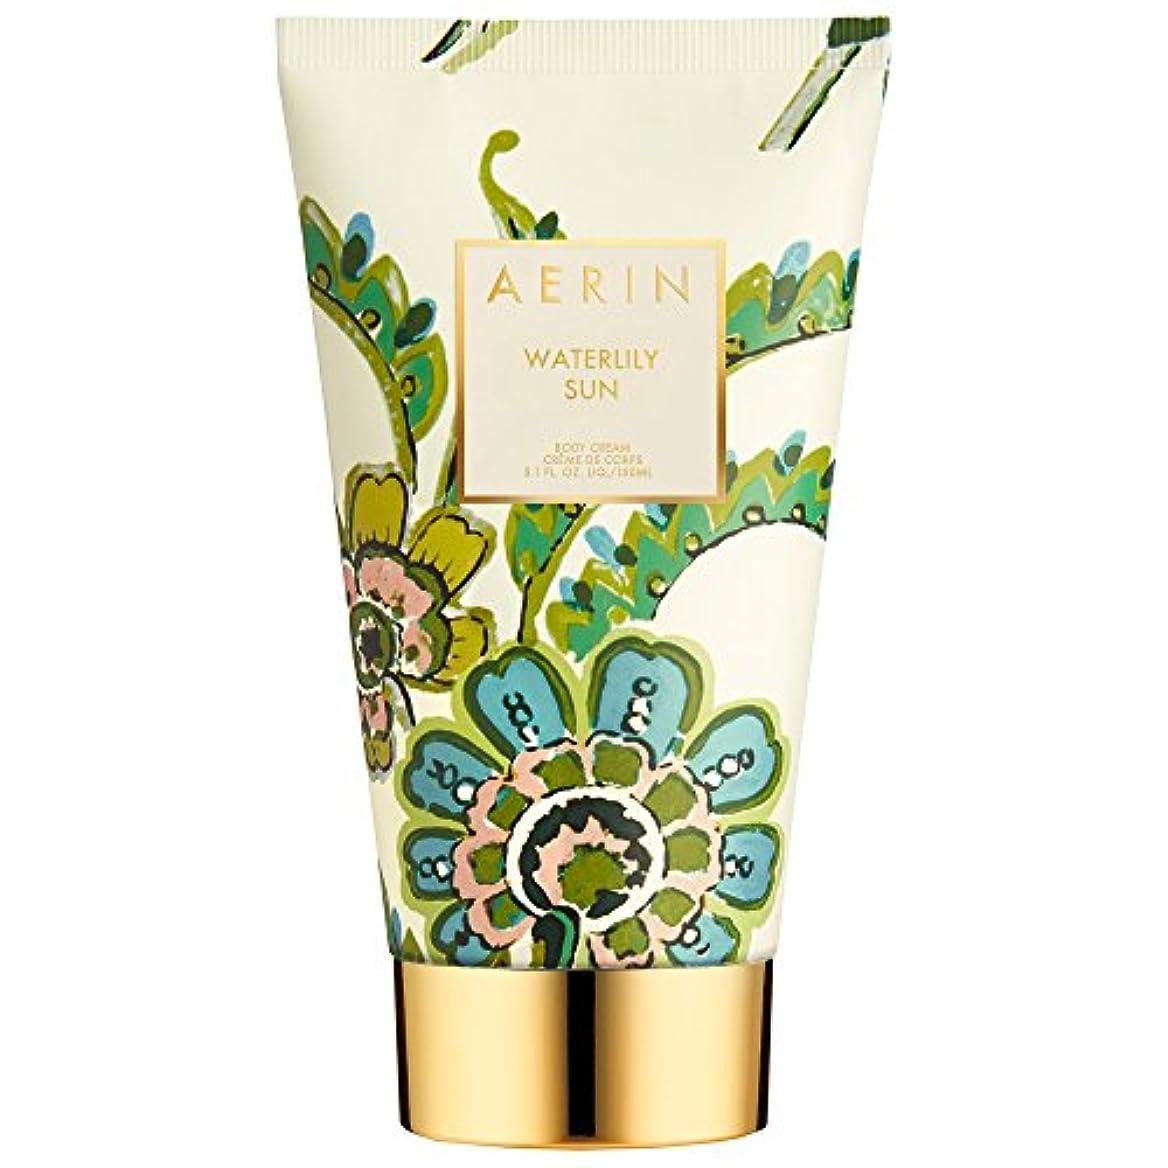 処理する襲撃クリップ蝶Aerinスイレン日ボディクリーム150ミリリットル (AERIN) (x2) - AERIN Waterlily Sun Body Cream 150ml (Pack of 2) [並行輸入品]